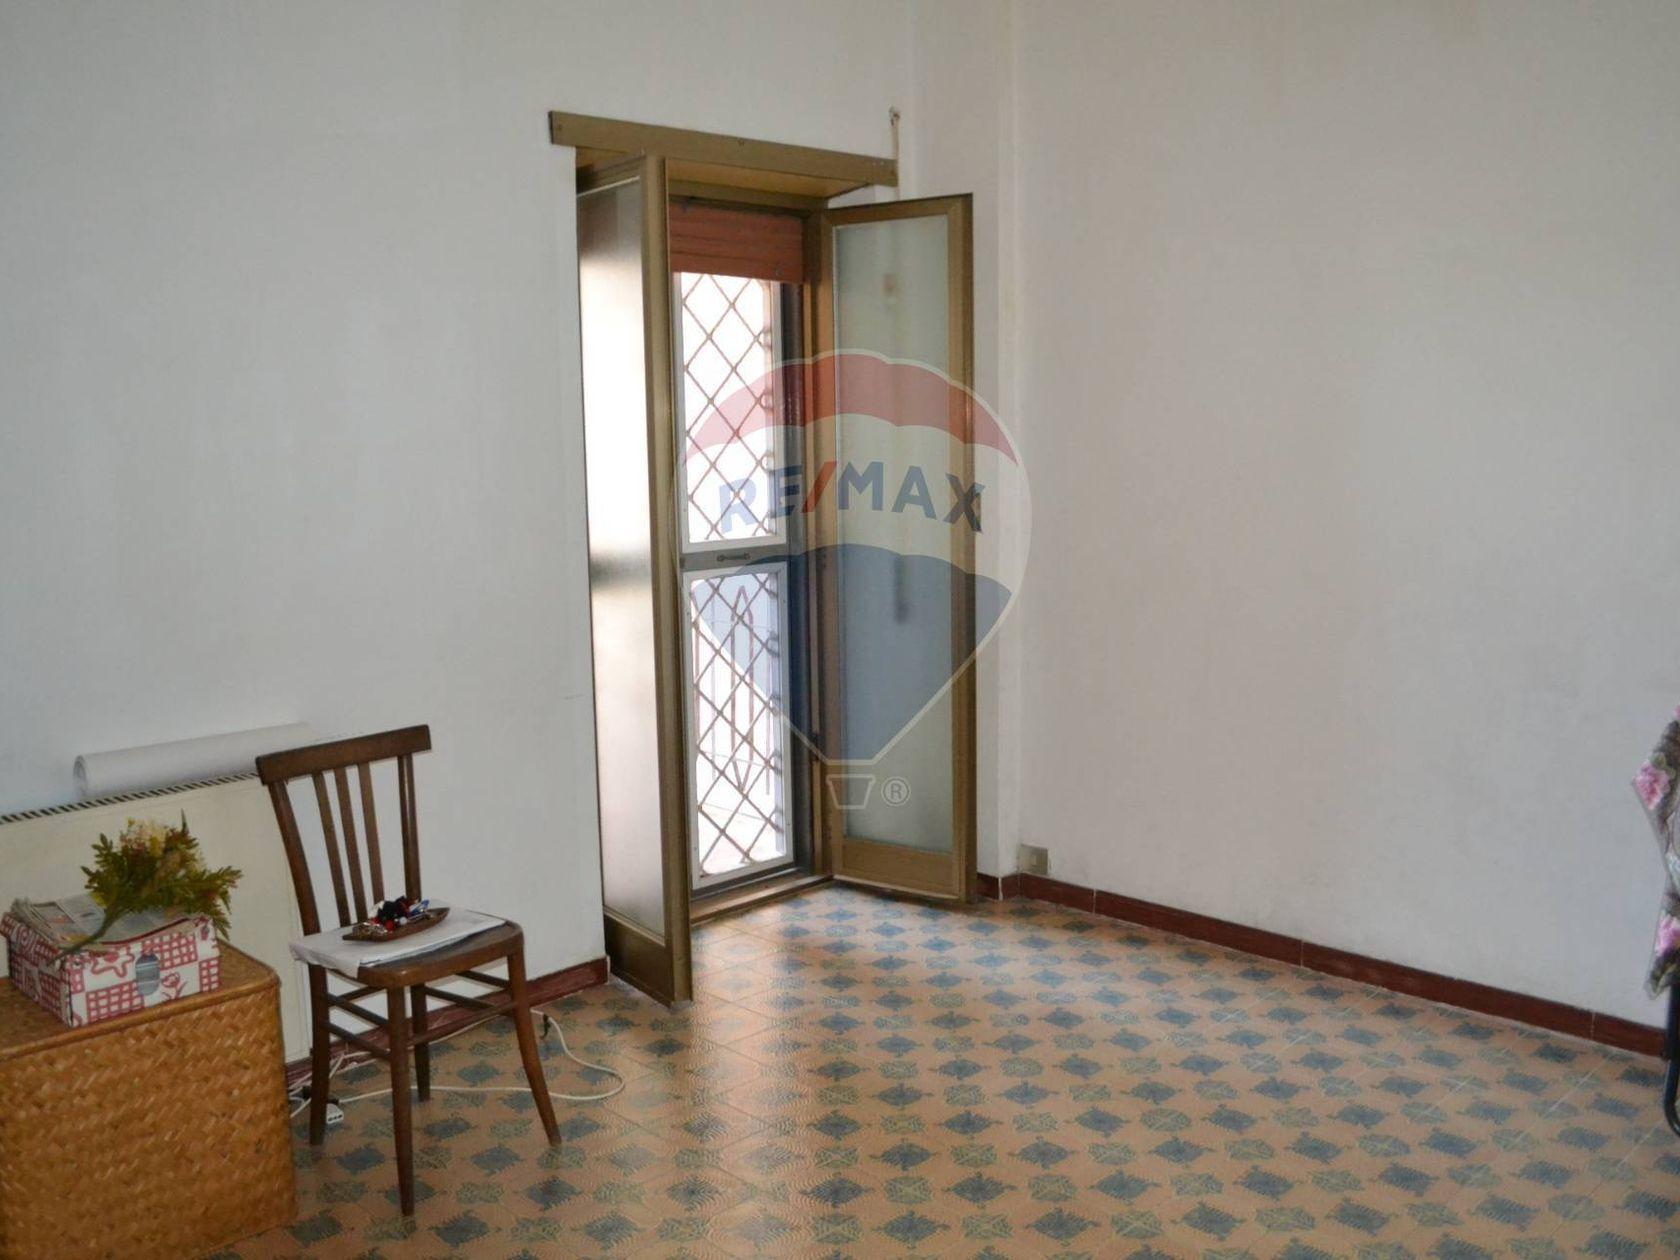 Appartamento San Polo dei Cavalieri, RM Vendita - Foto 4